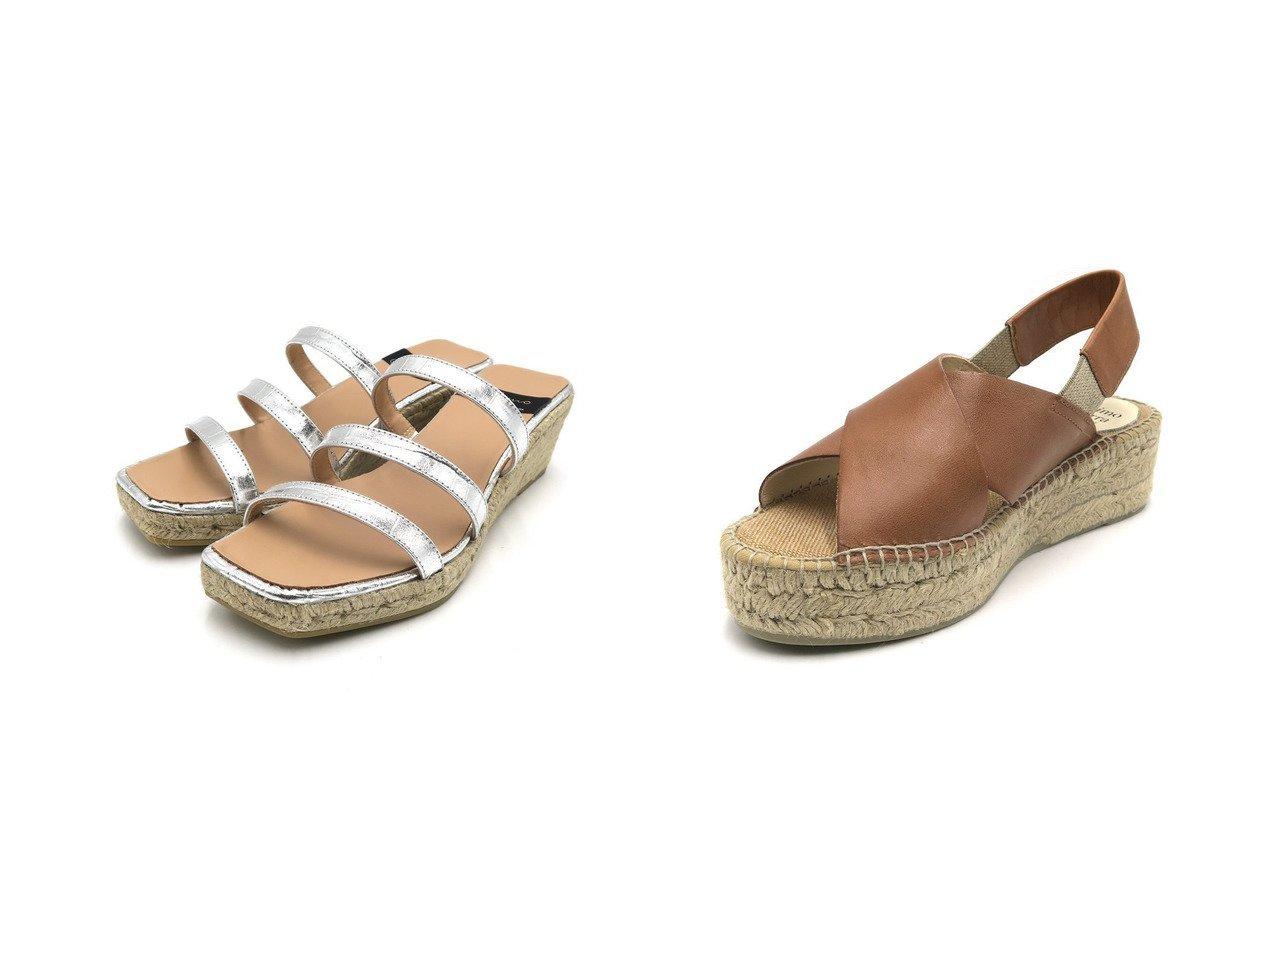 【Esmeralda/エスメラルダ】の【Gaimo】厚底クロススリングバックサンダル&【Gaimo】多重ベルトウエッジサンダル 【シューズ・靴】おすすめ!人気、トレンド・レディースファッションの通販 おすすめで人気の流行・トレンド、ファッションの通販商品 インテリア・家具・メンズファッション・キッズファッション・レディースファッション・服の通販 founy(ファニー) https://founy.com/ ファッション Fashion レディースファッション WOMEN バッグ Bag ベルト Belts サンダル ジュート 厚底 ウェッジ フェミニン  ID:crp329100000045153